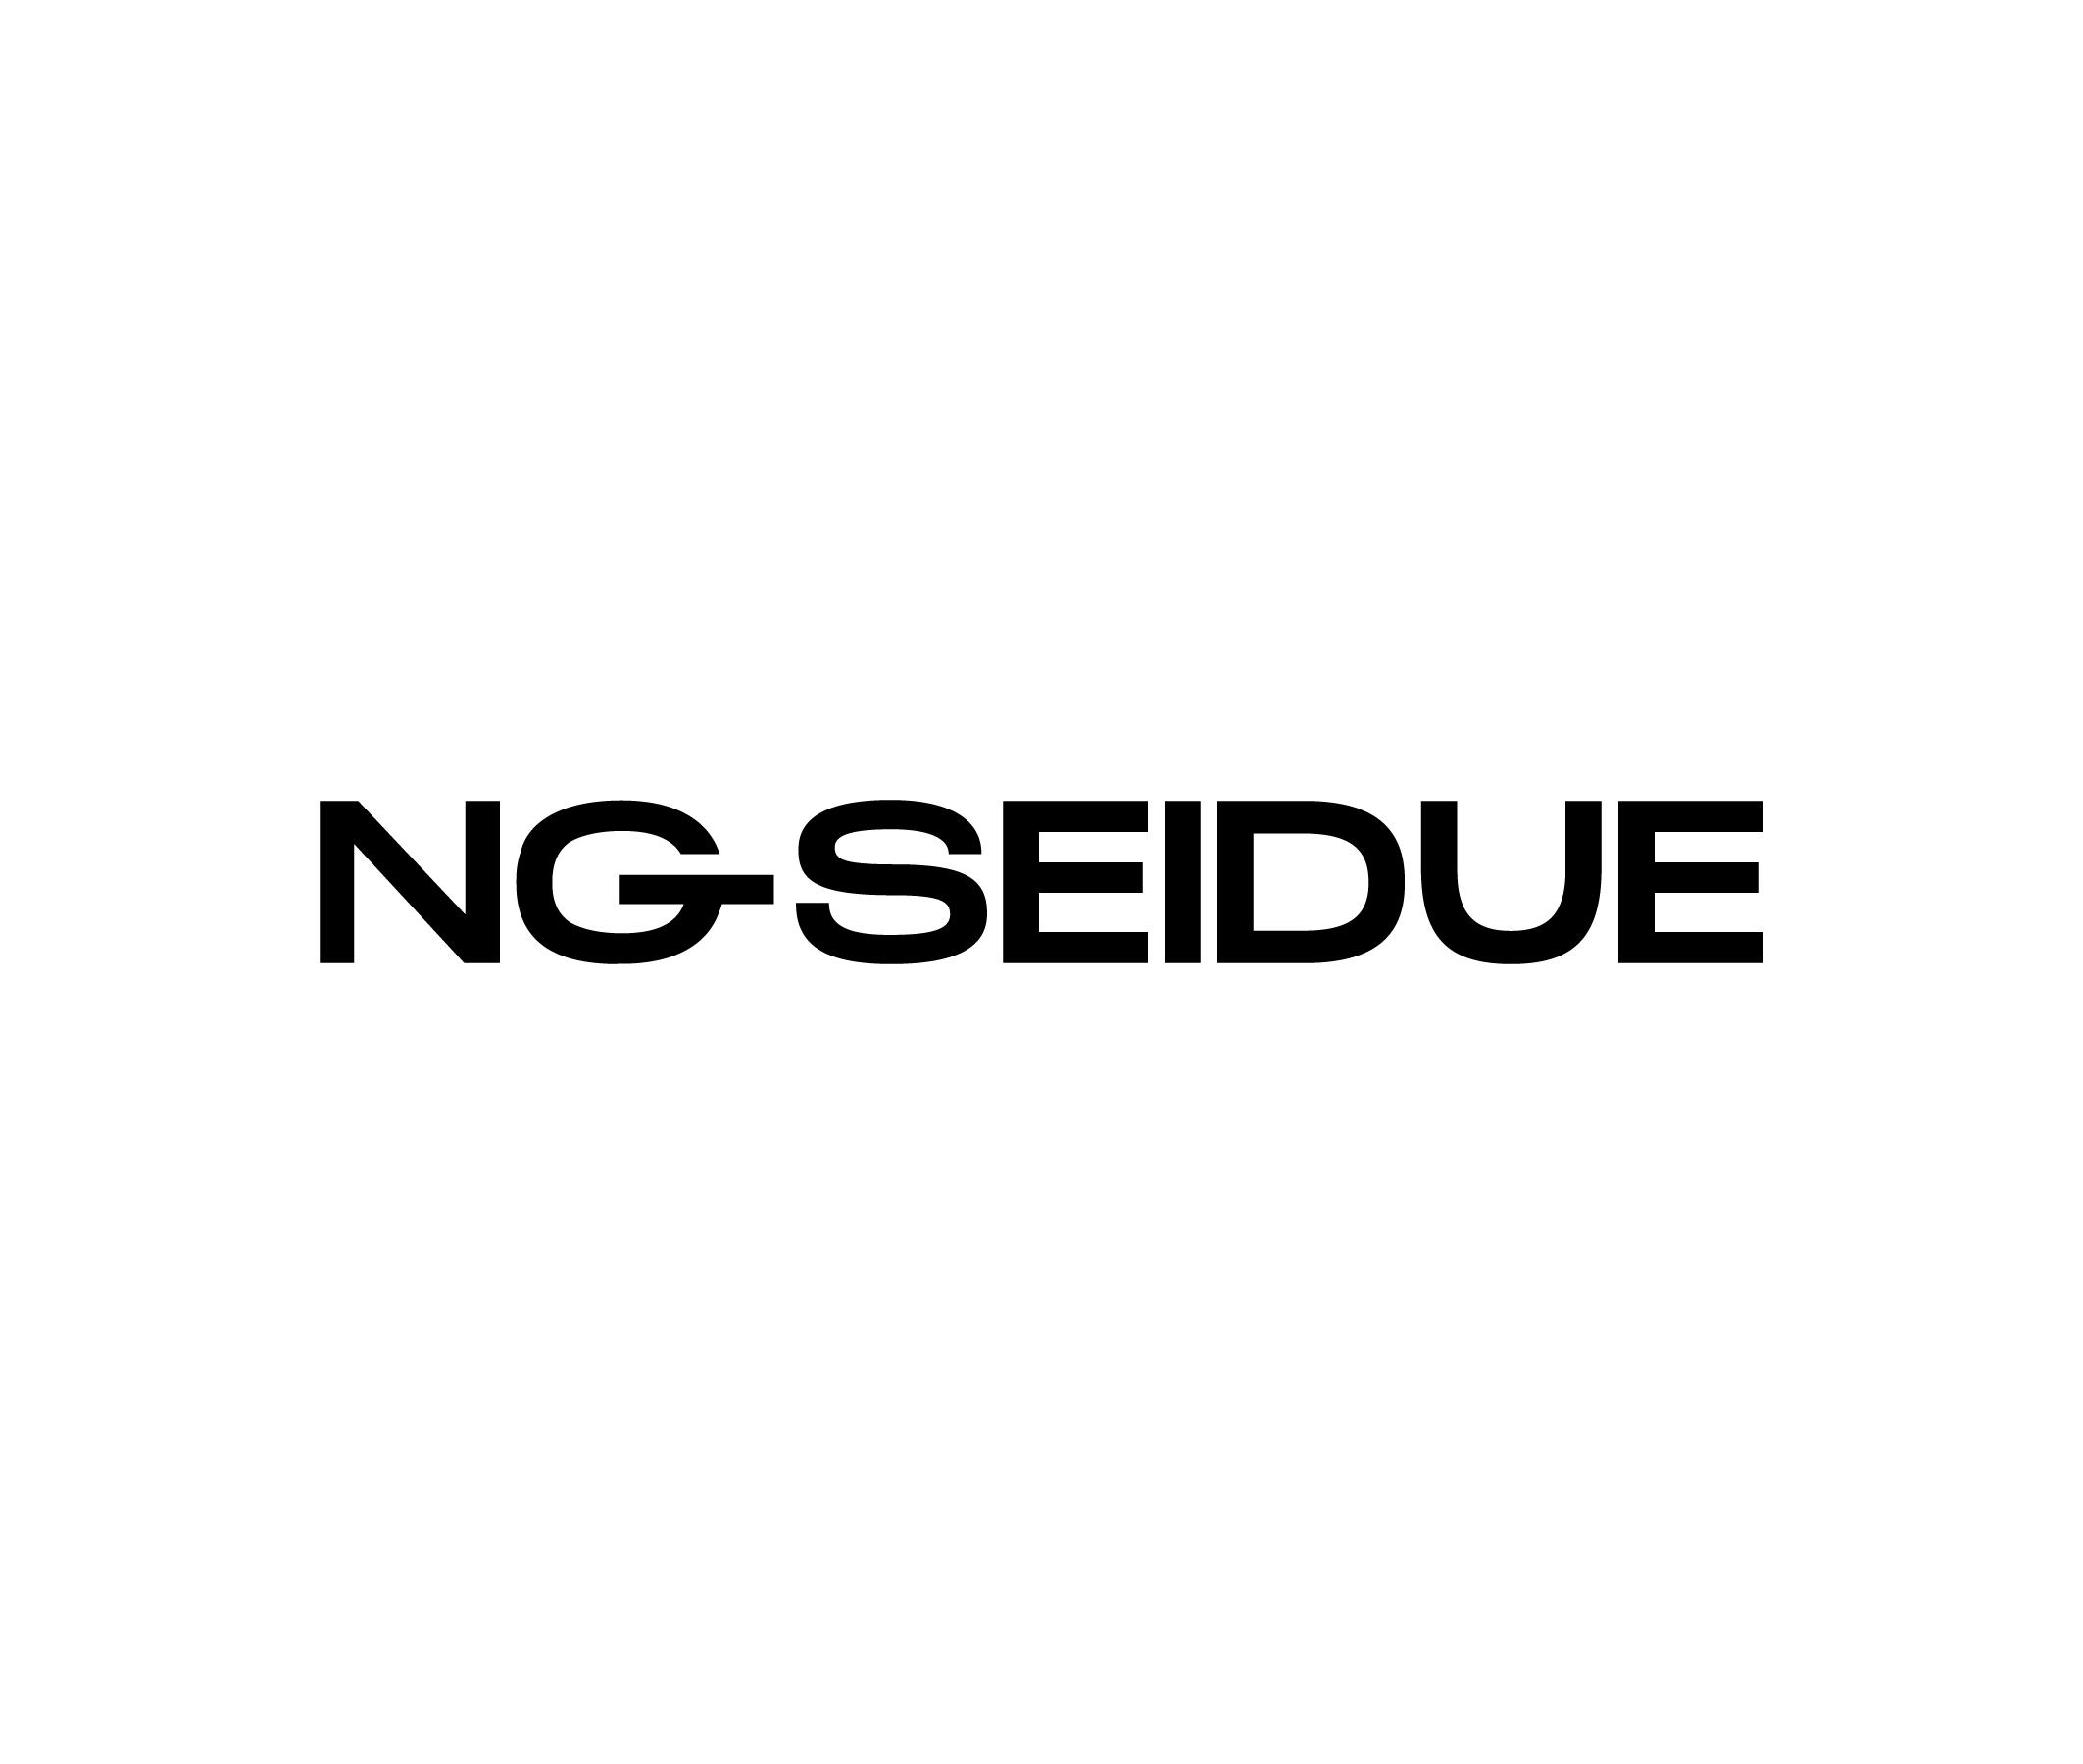 DC-Website-Logos---NGSEIDUE